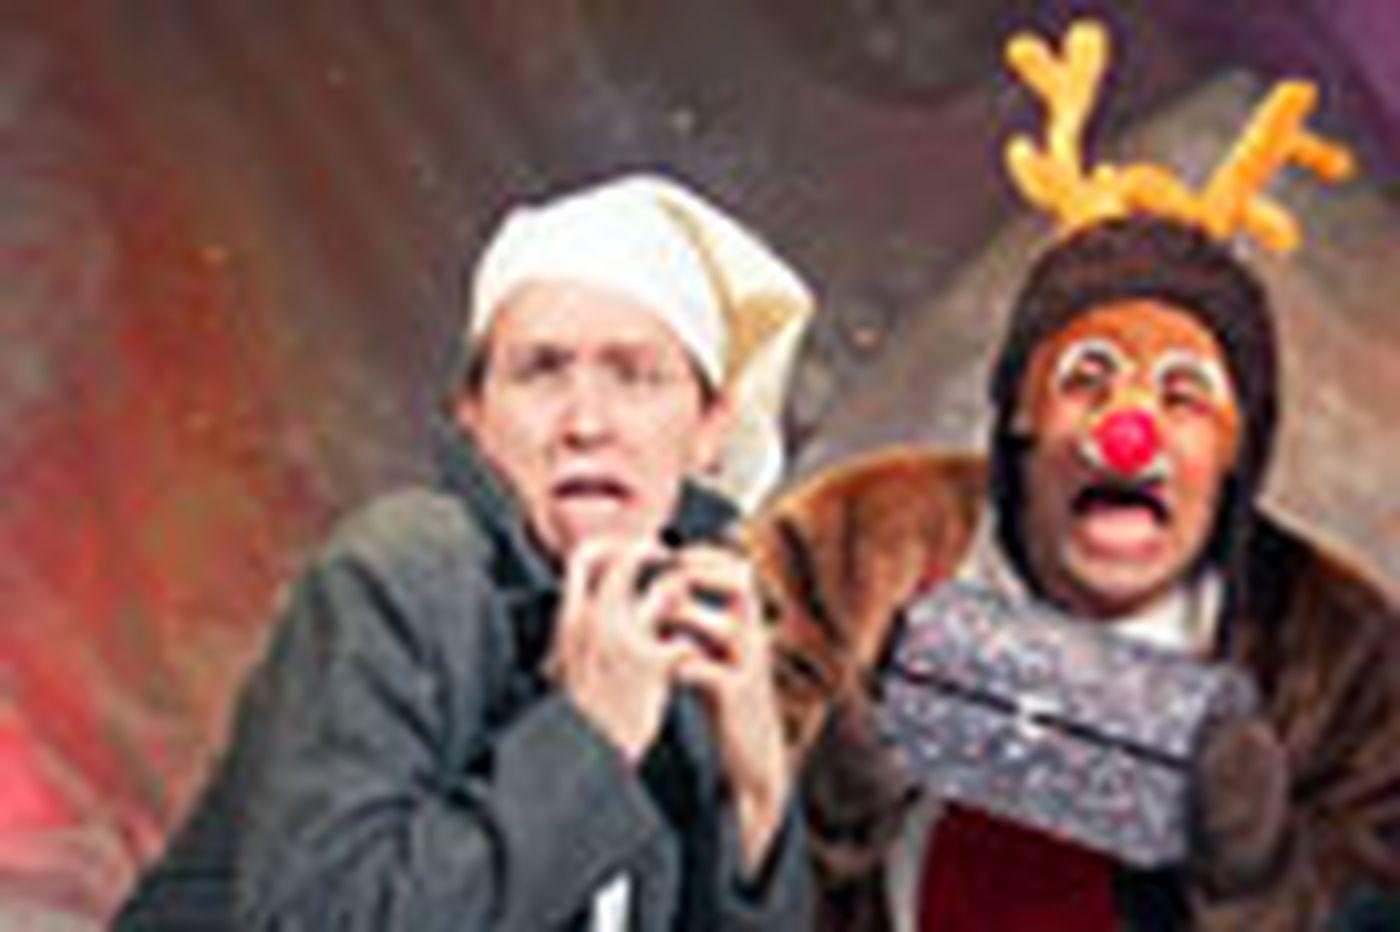 'Very Merry Xmas Carol' a zany holiday gift